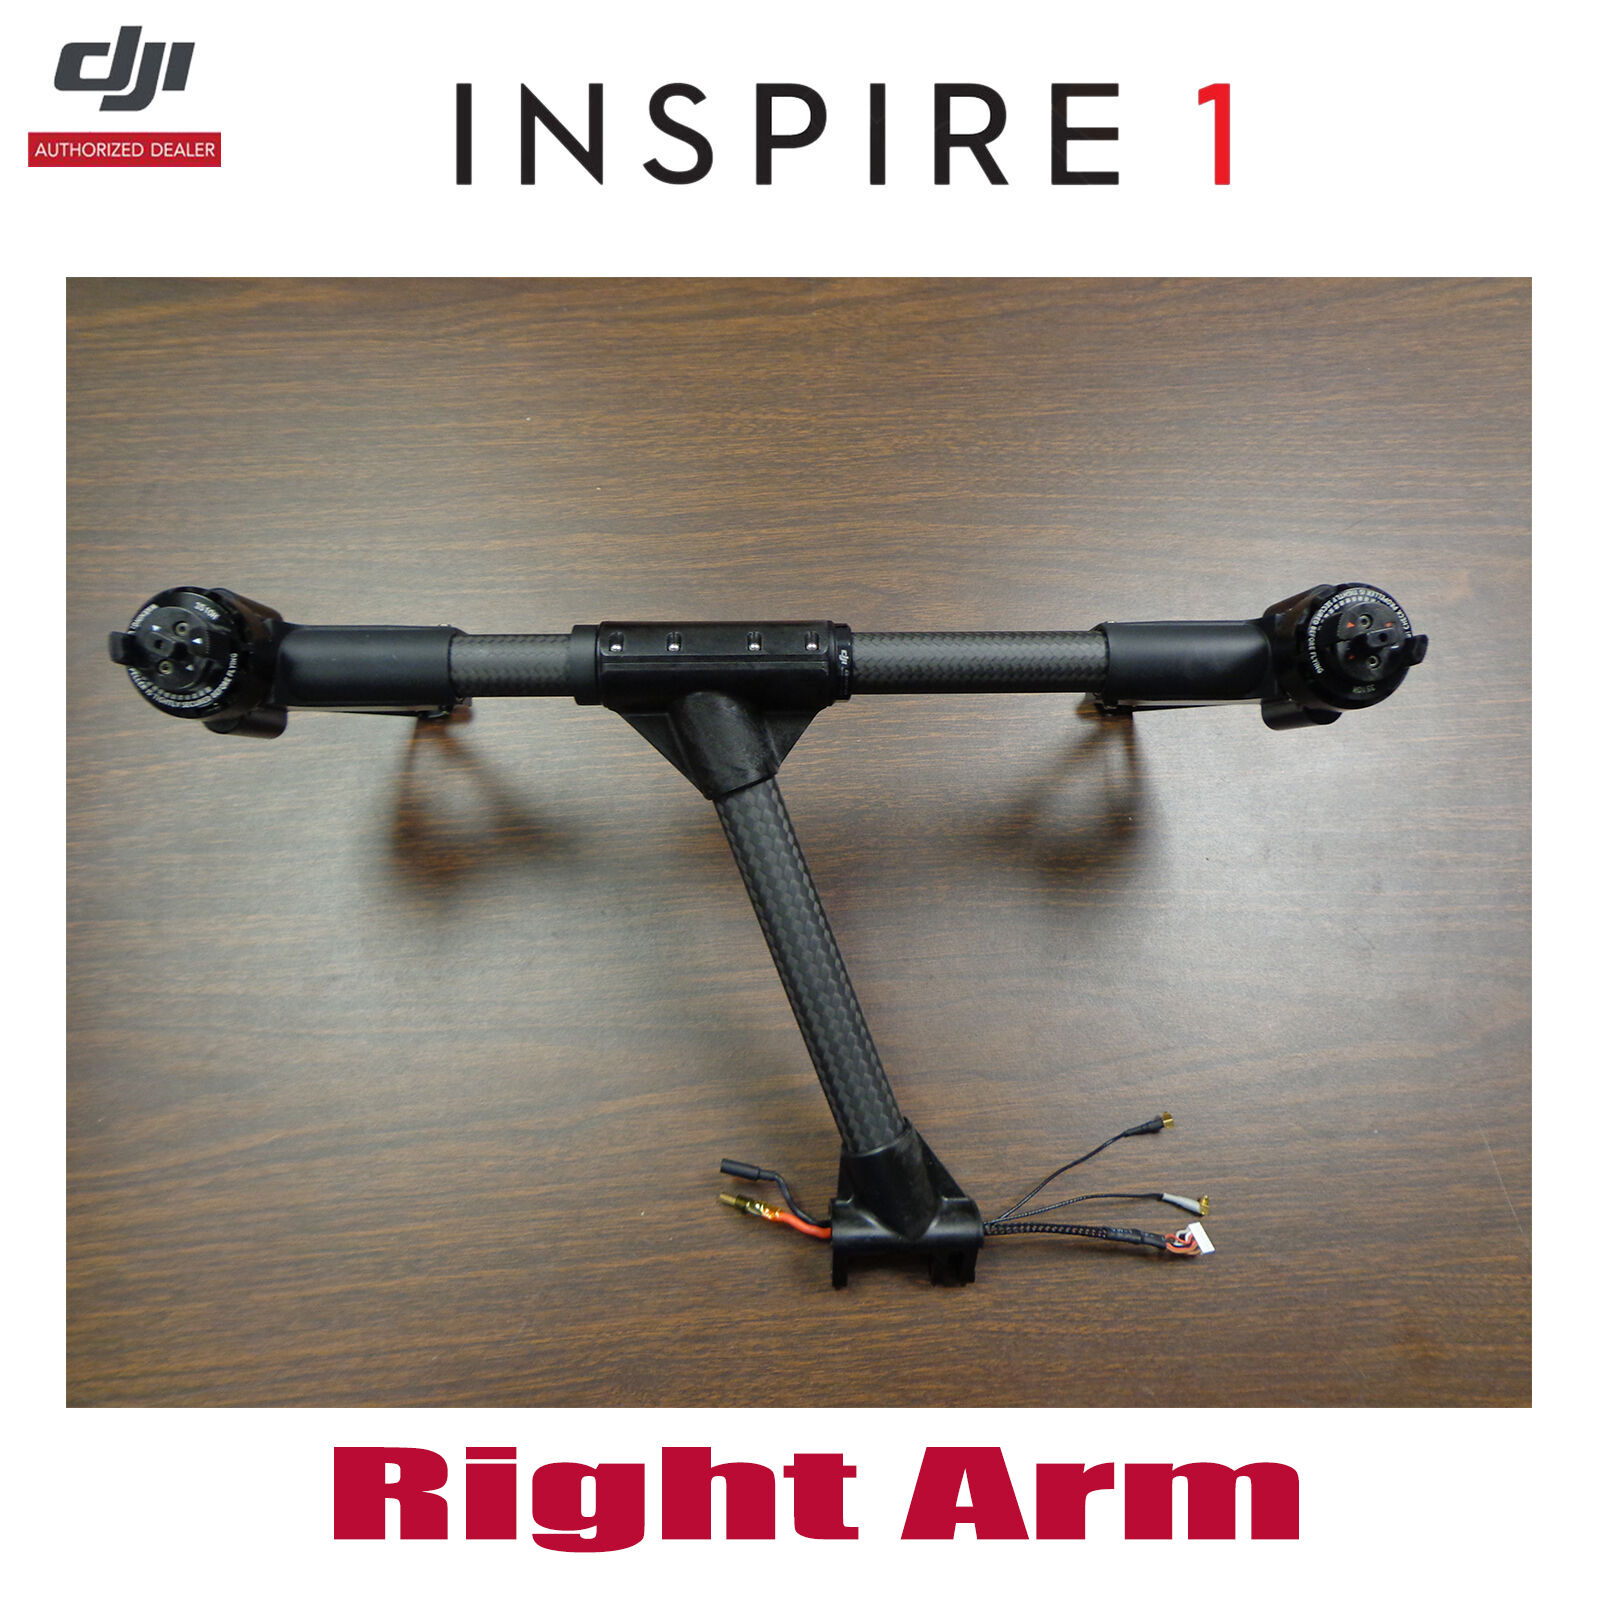 DJI Inspire 1 Pro V2.0 Right Arm Carbon Fiber Boom,3510 H Motor,ESC,Landing Gear